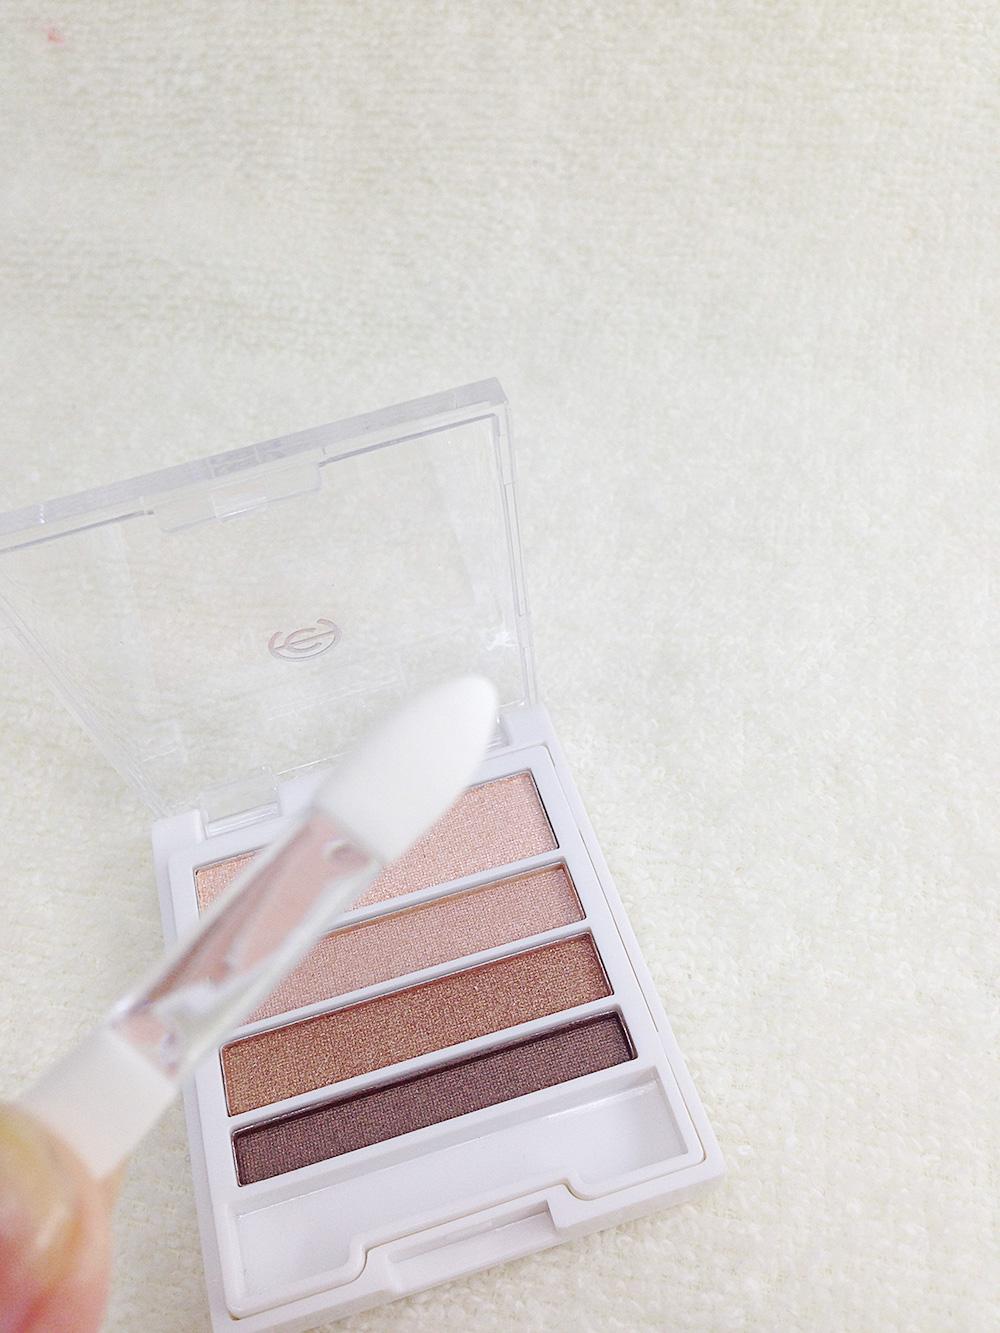 100円コスメAC4カラーグラデーションアイズ(01GB)のレビュー